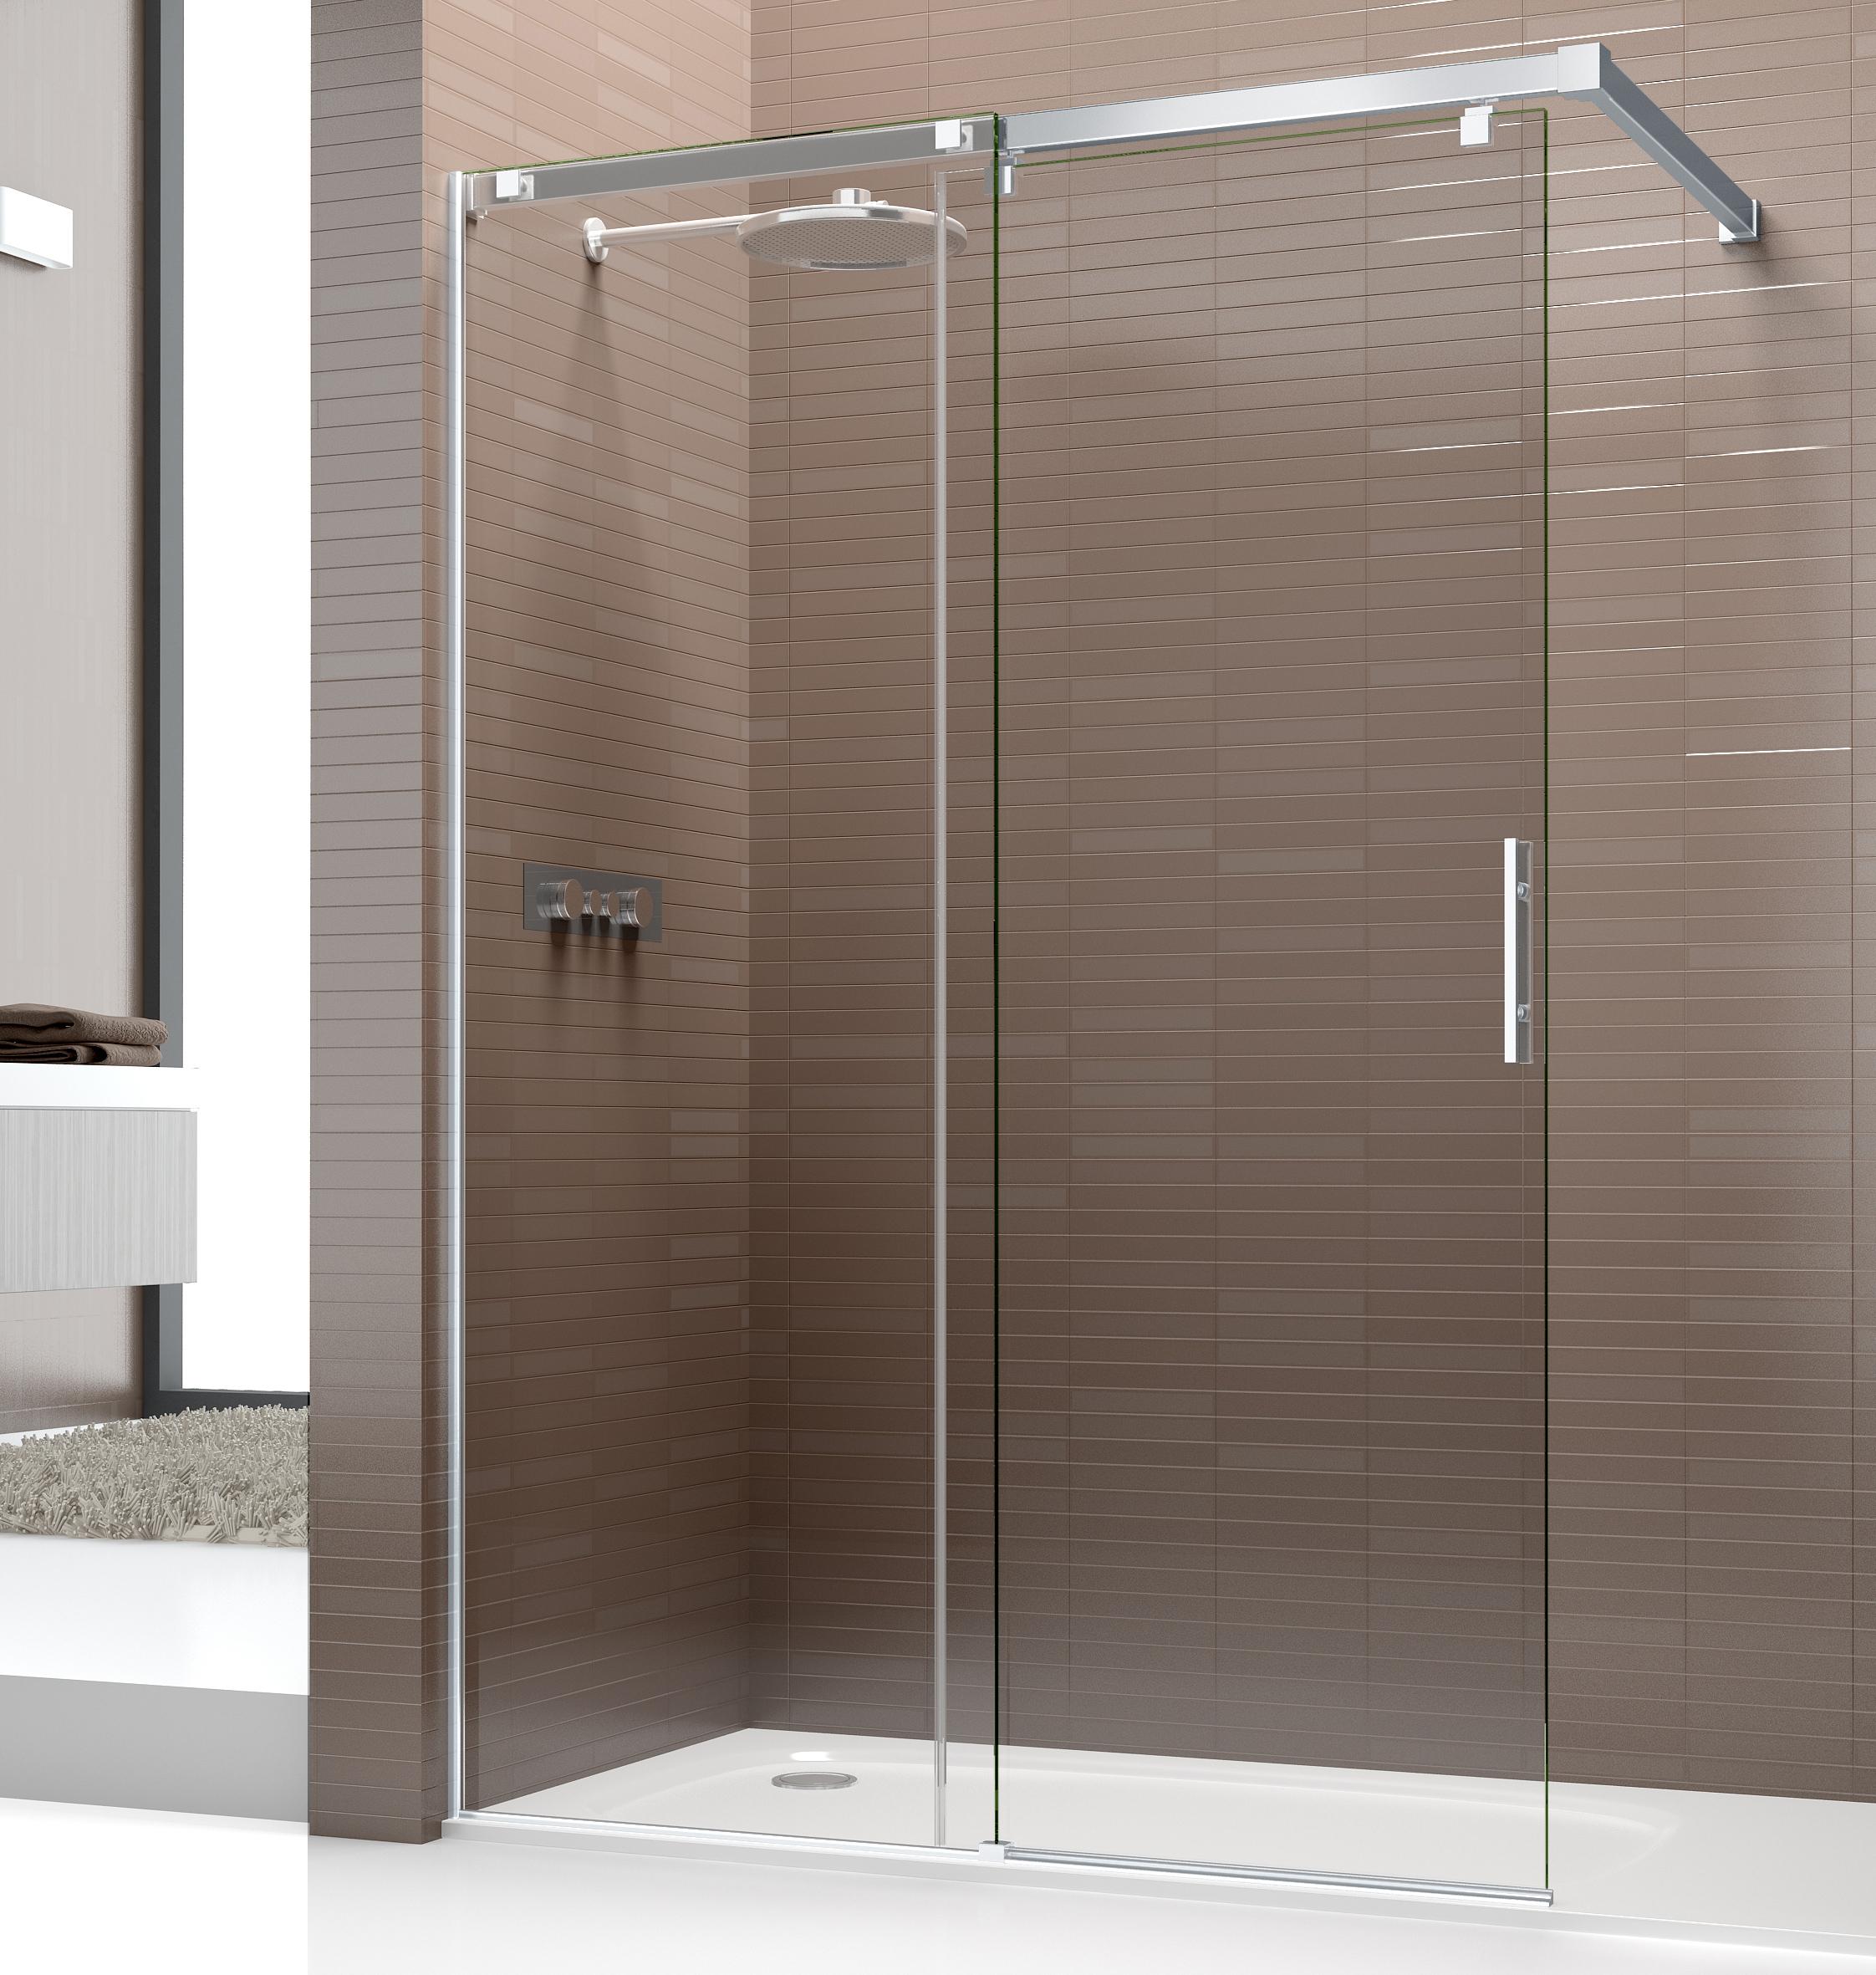 Modelo imperial 2p l d mamparas de ducha hnos p rez for Muebles para ducha